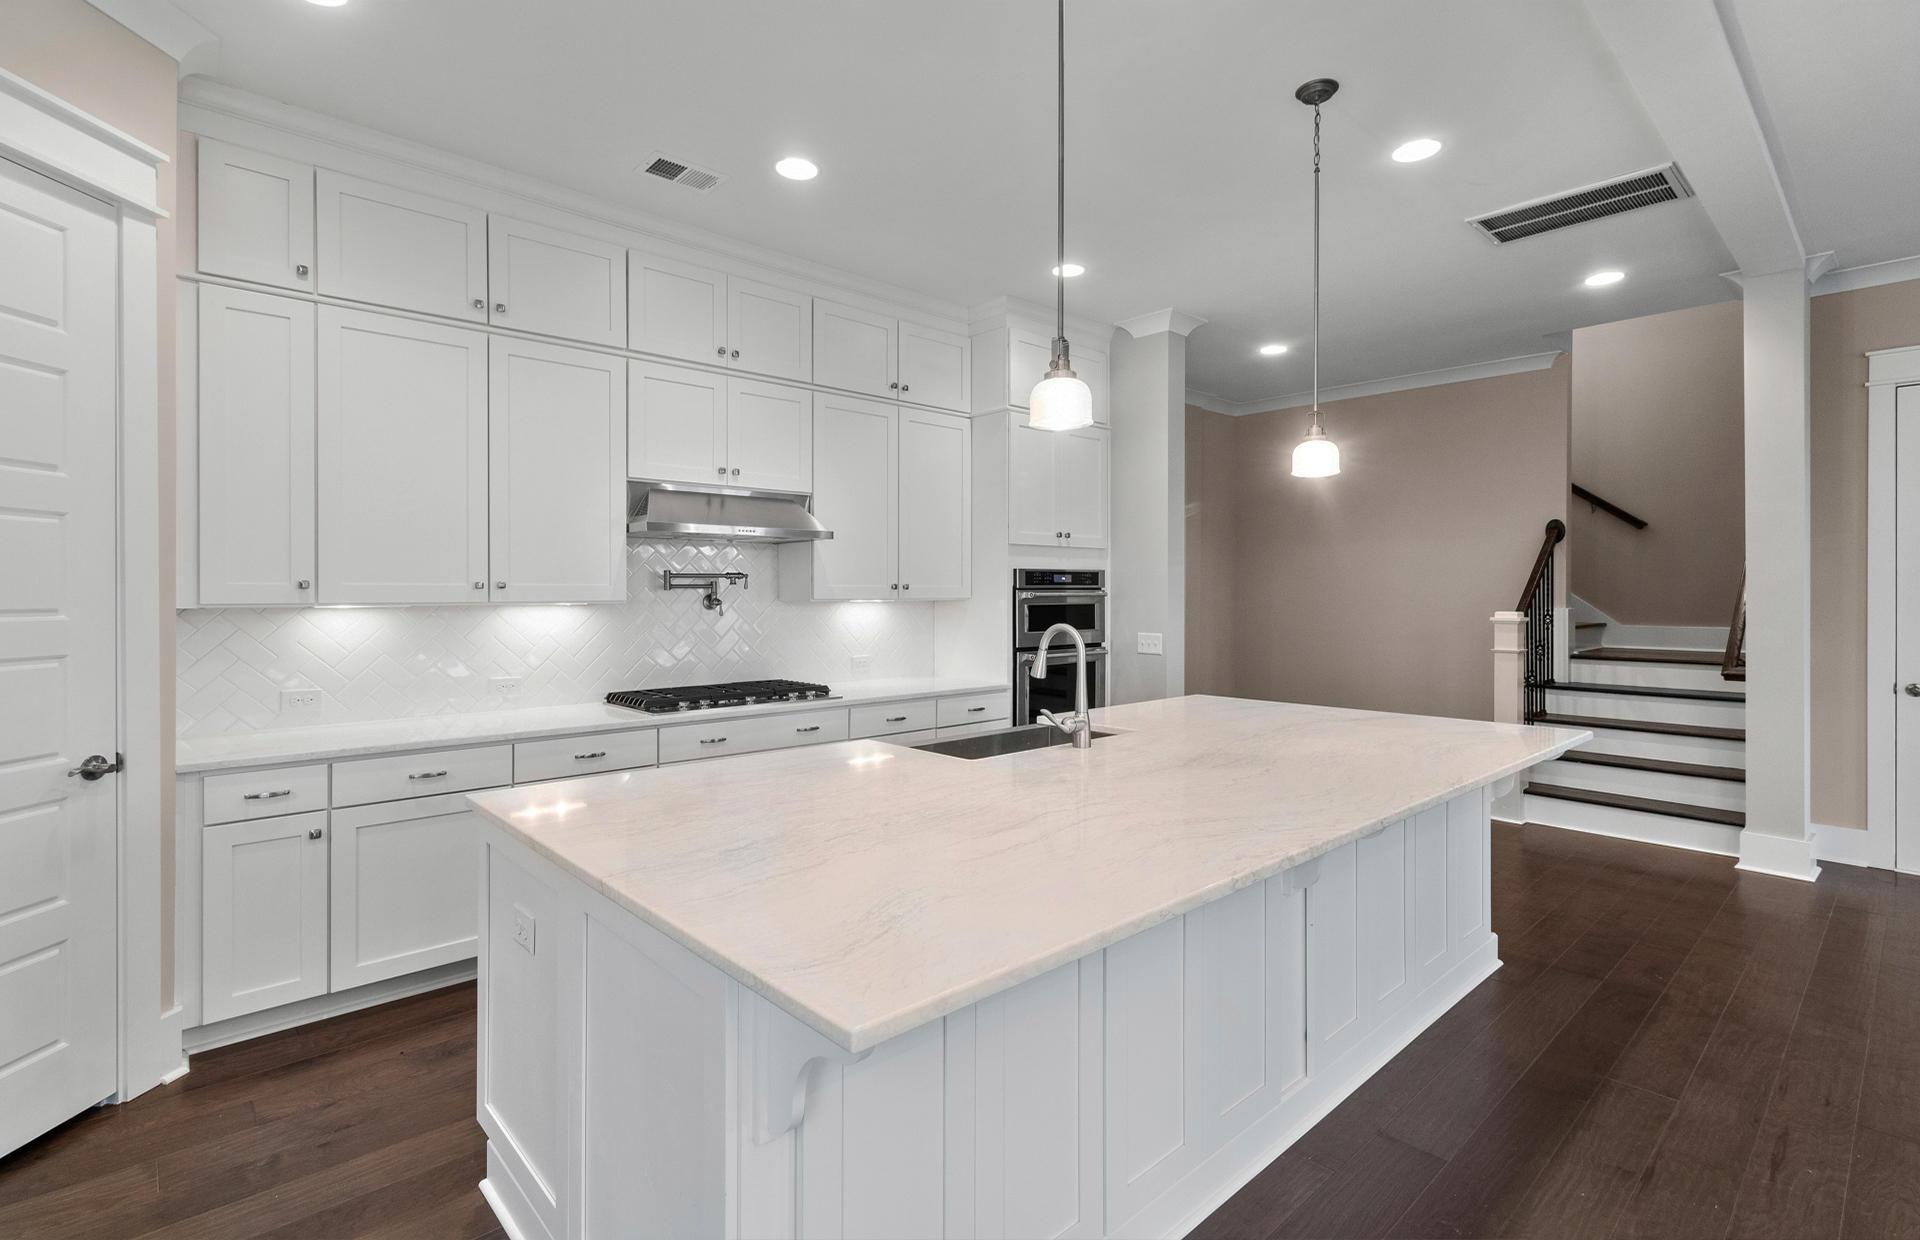 Dunes West Homes For Sale - 2697 Dutchman, Mount Pleasant, SC - 16